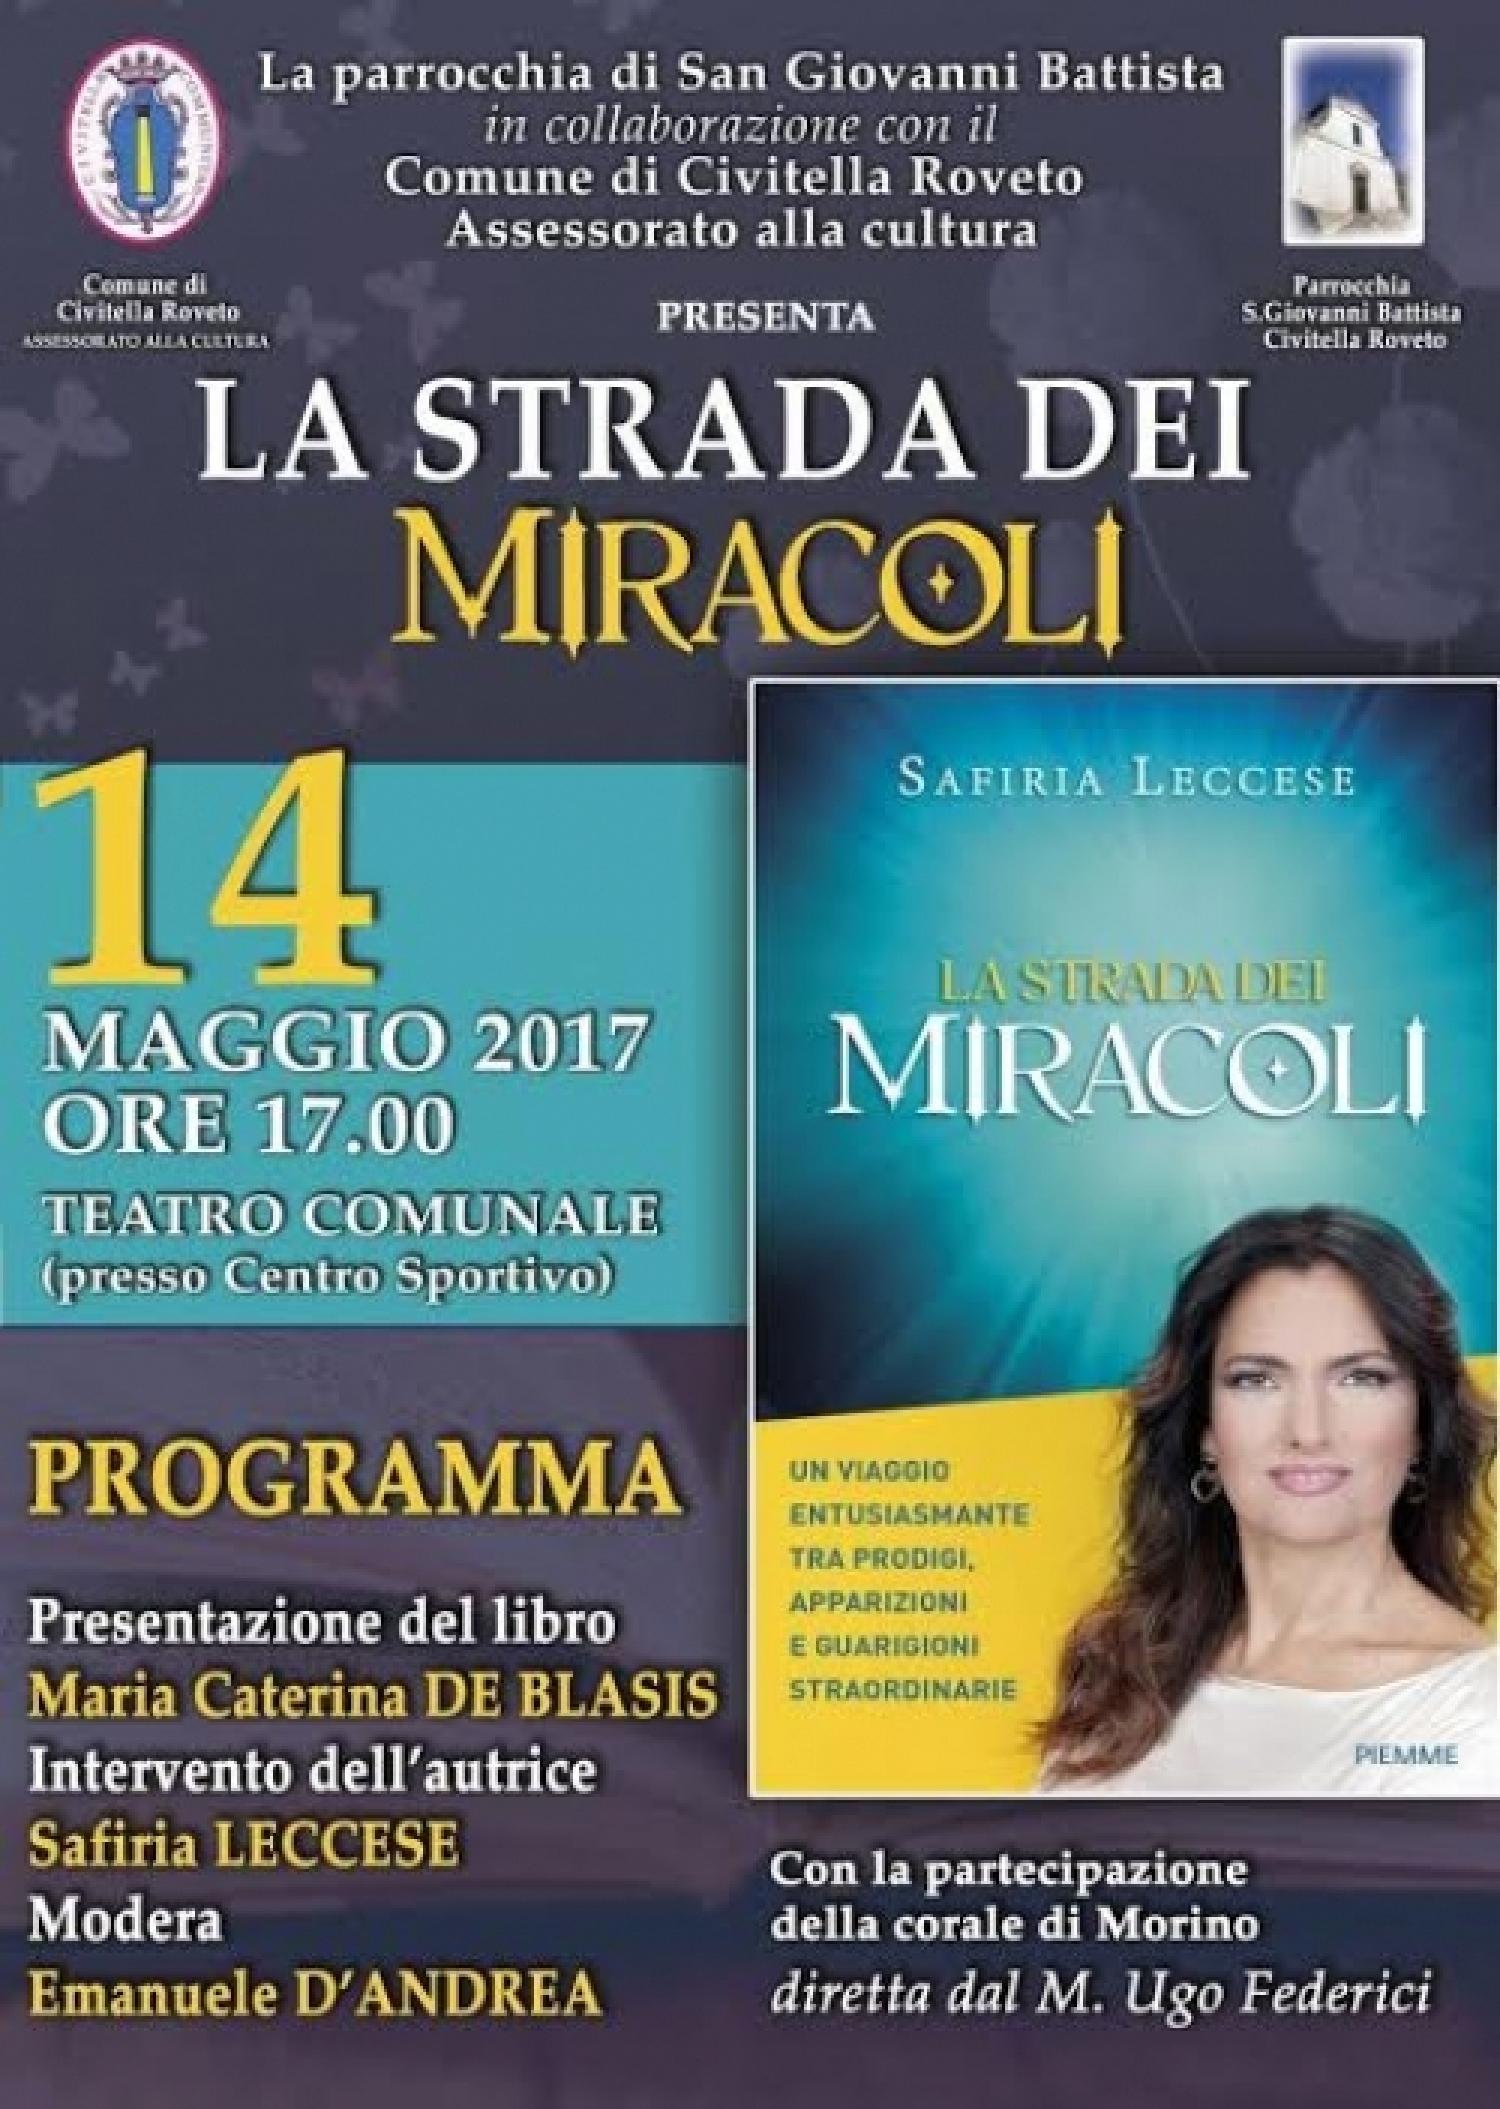 Leccese Civitella Roveto.jpg